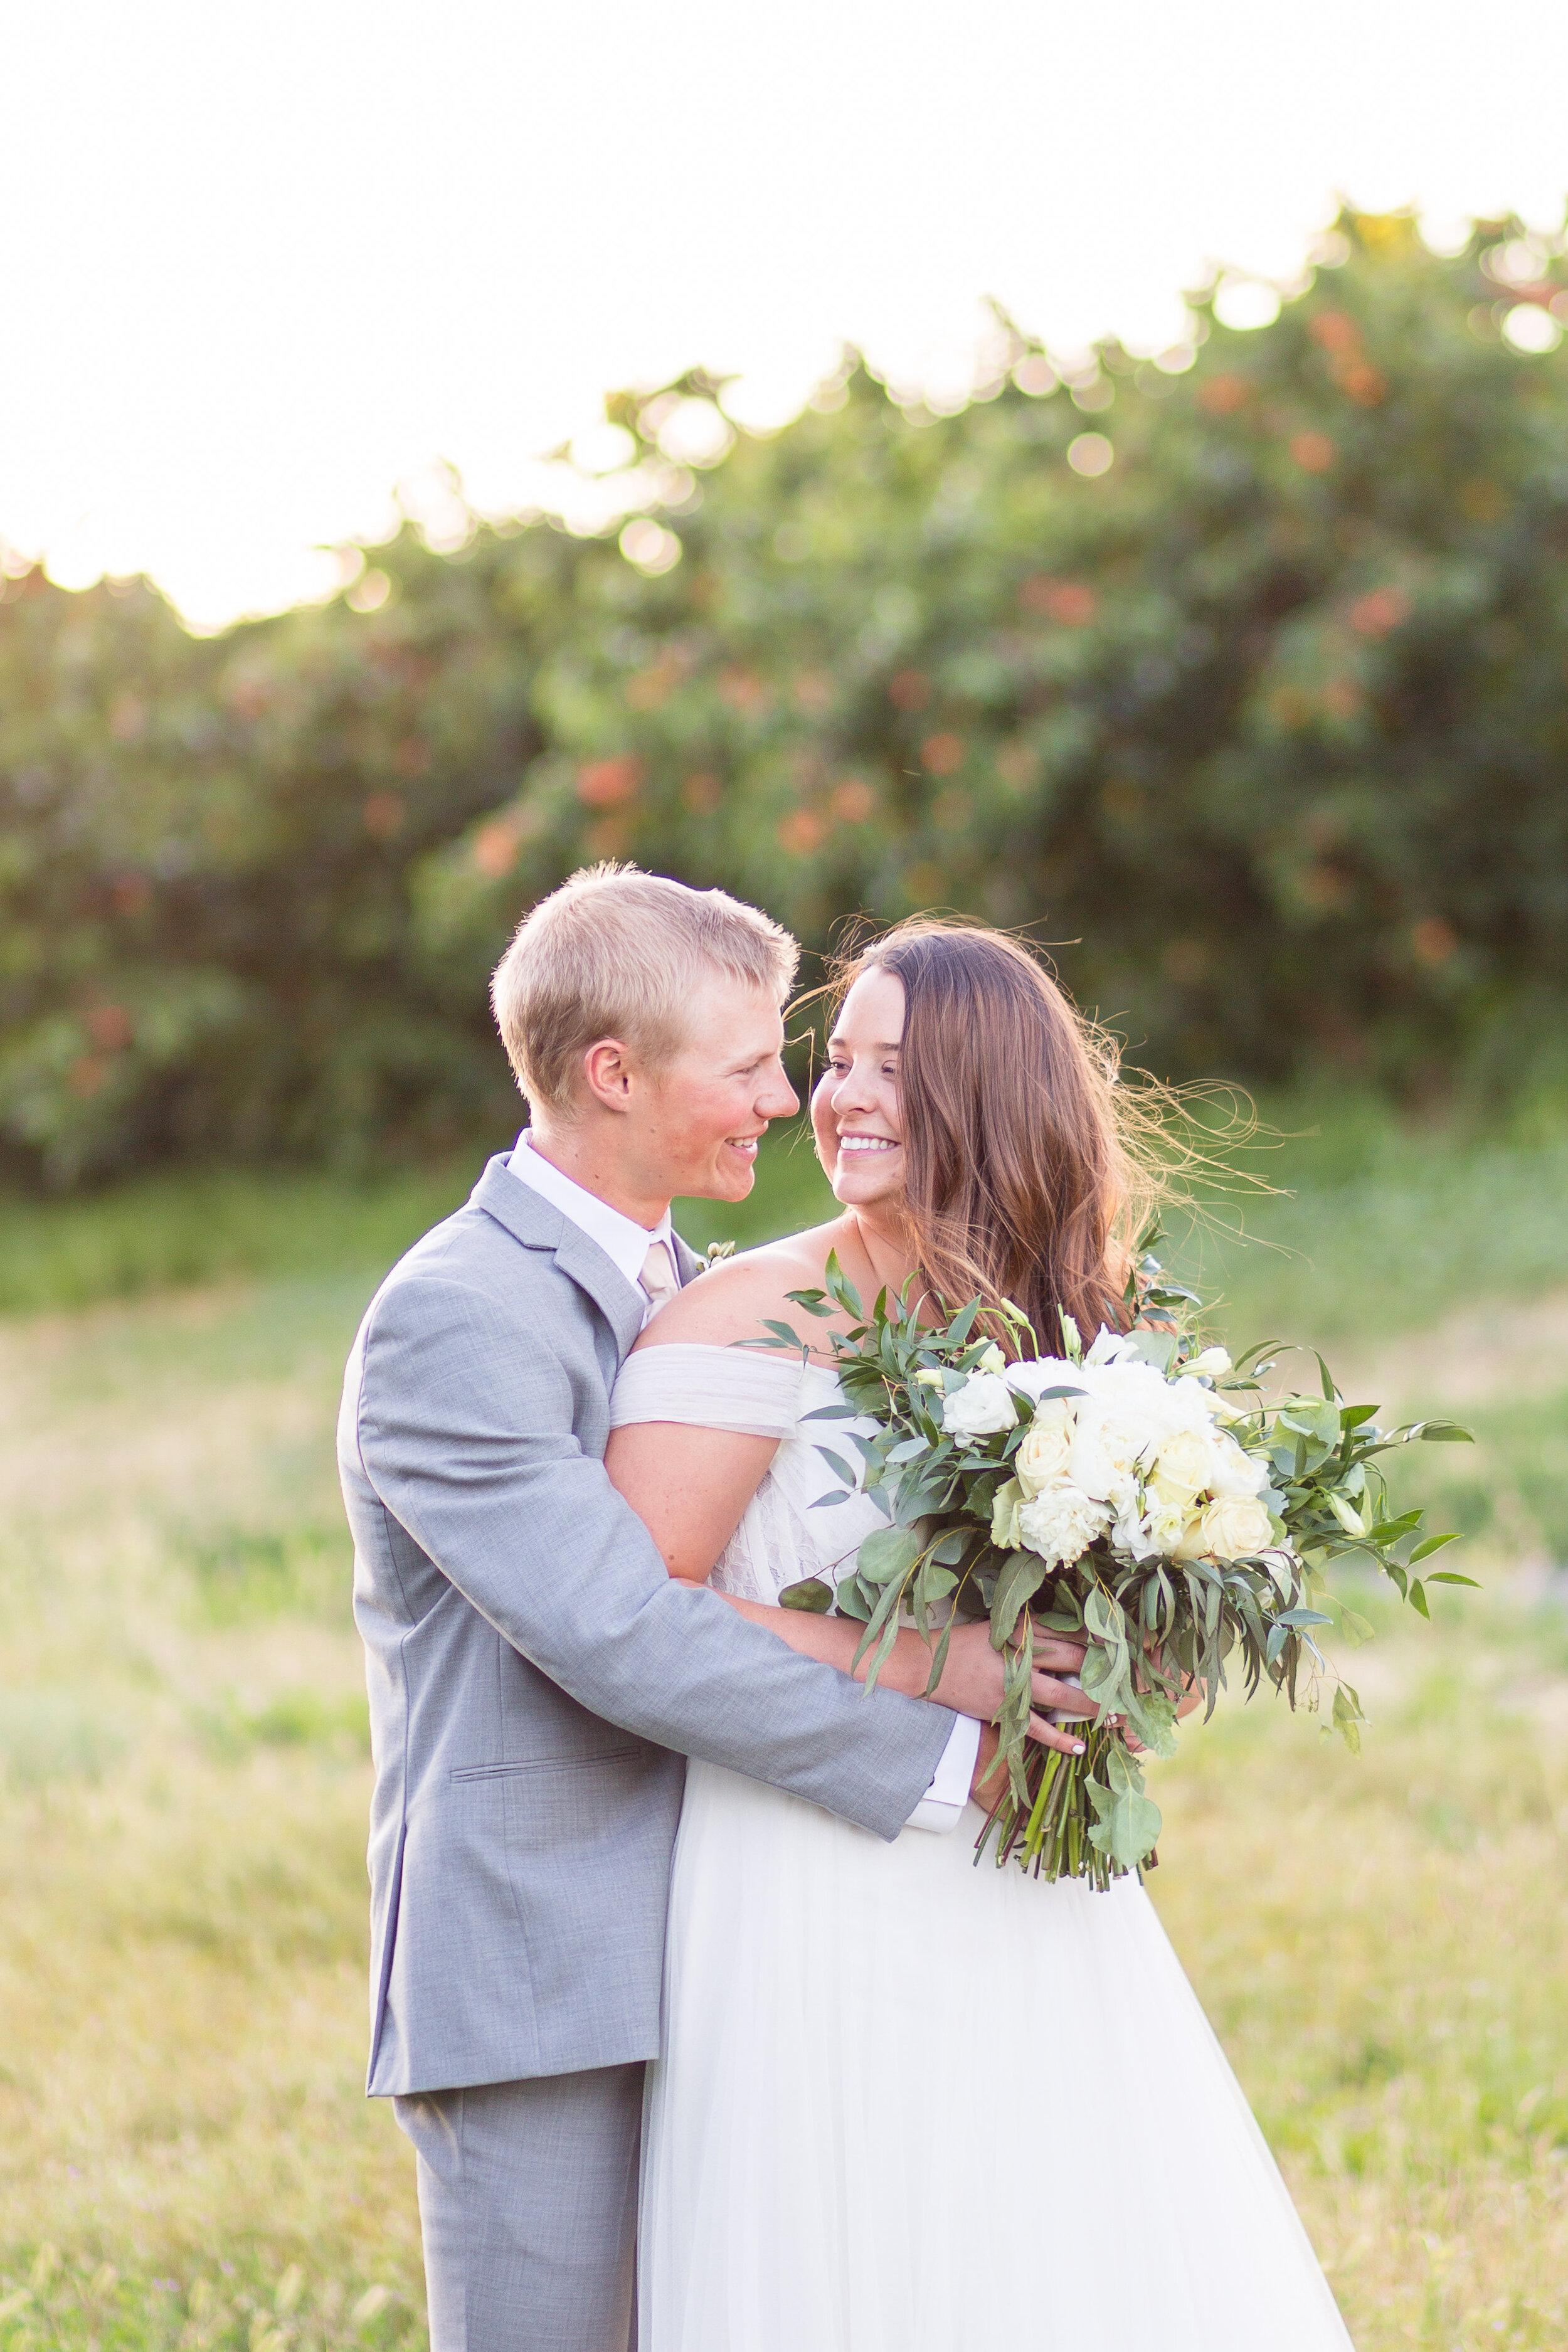 bride and groom embracing spokane wedding